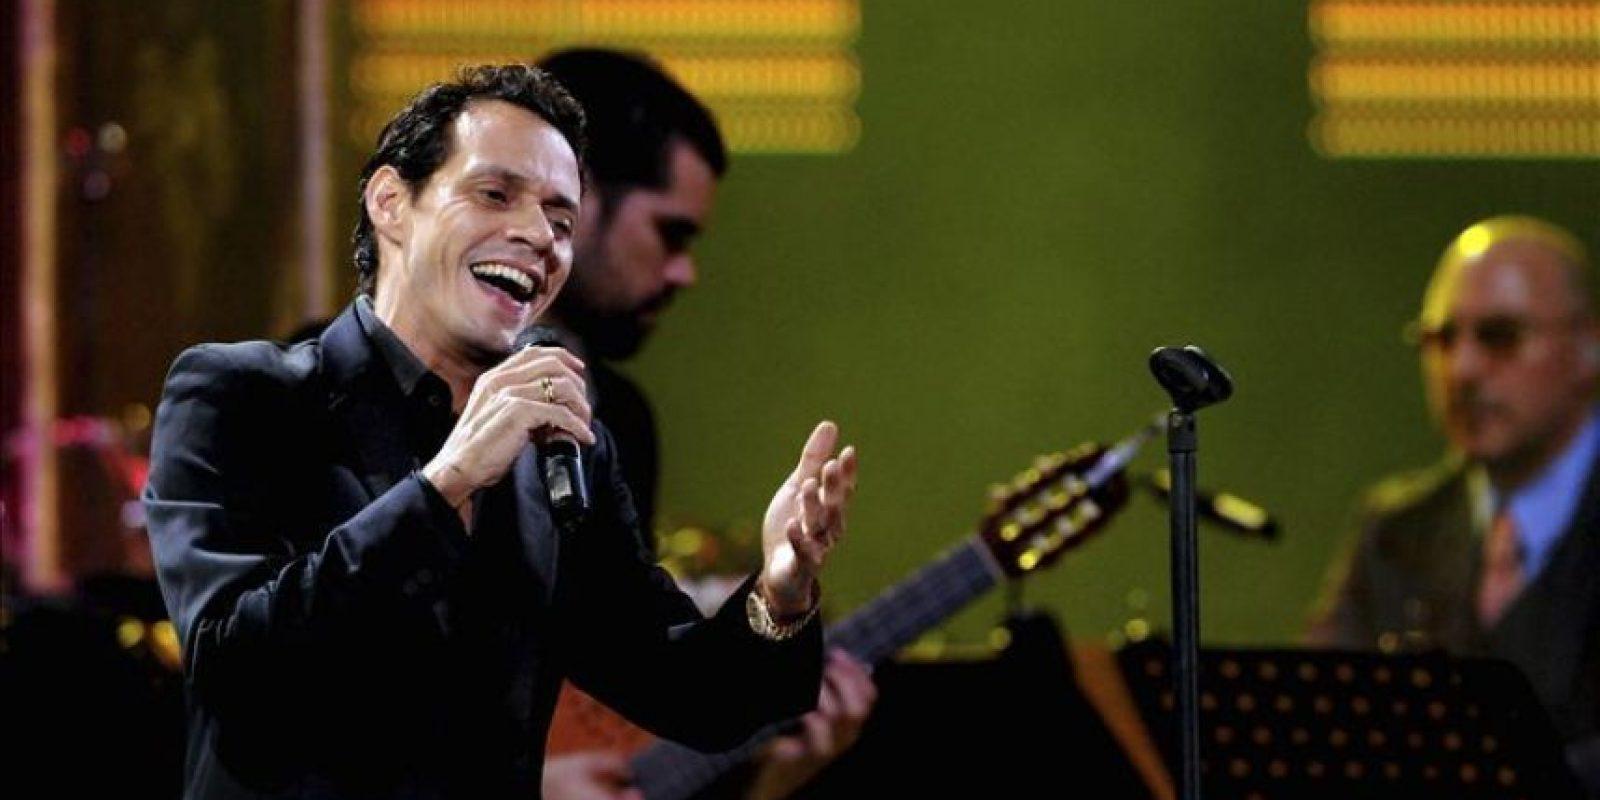 El cantante estadounidense de origen puertorriqueño Marc Anthony en el 53 Festival Internacional de la Canción de Viña del Mar (Chile). EFE